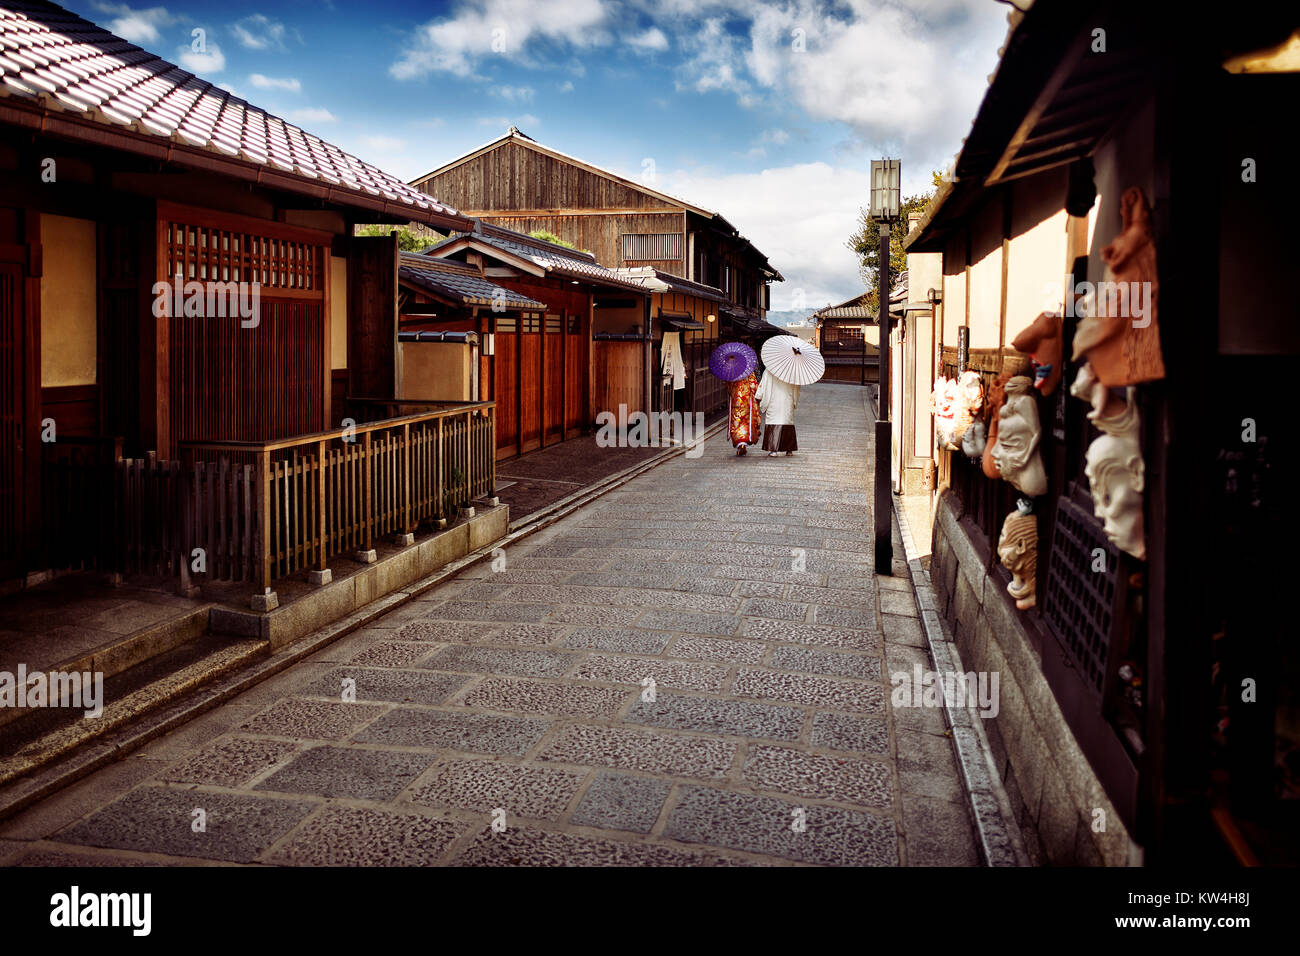 Paar mit japanischen Sonnenschirme in traditioneller Kimono hinunter eine alte Straße, Yasaka Dori, in der Stockbild